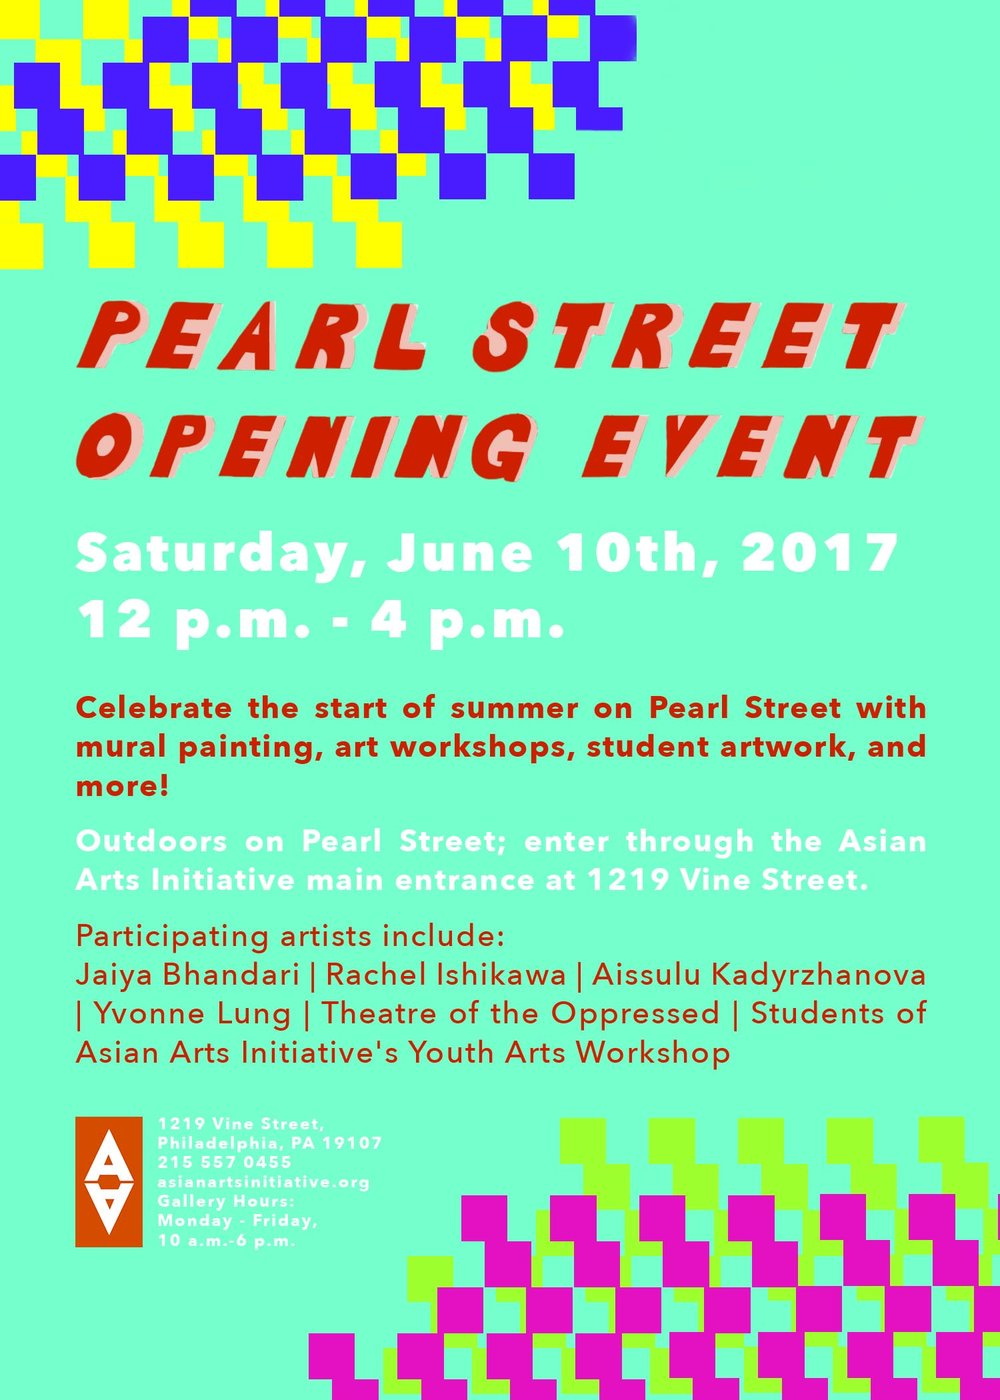 AAI_pearl-street-opening-event-2017_flyer-1.jpg